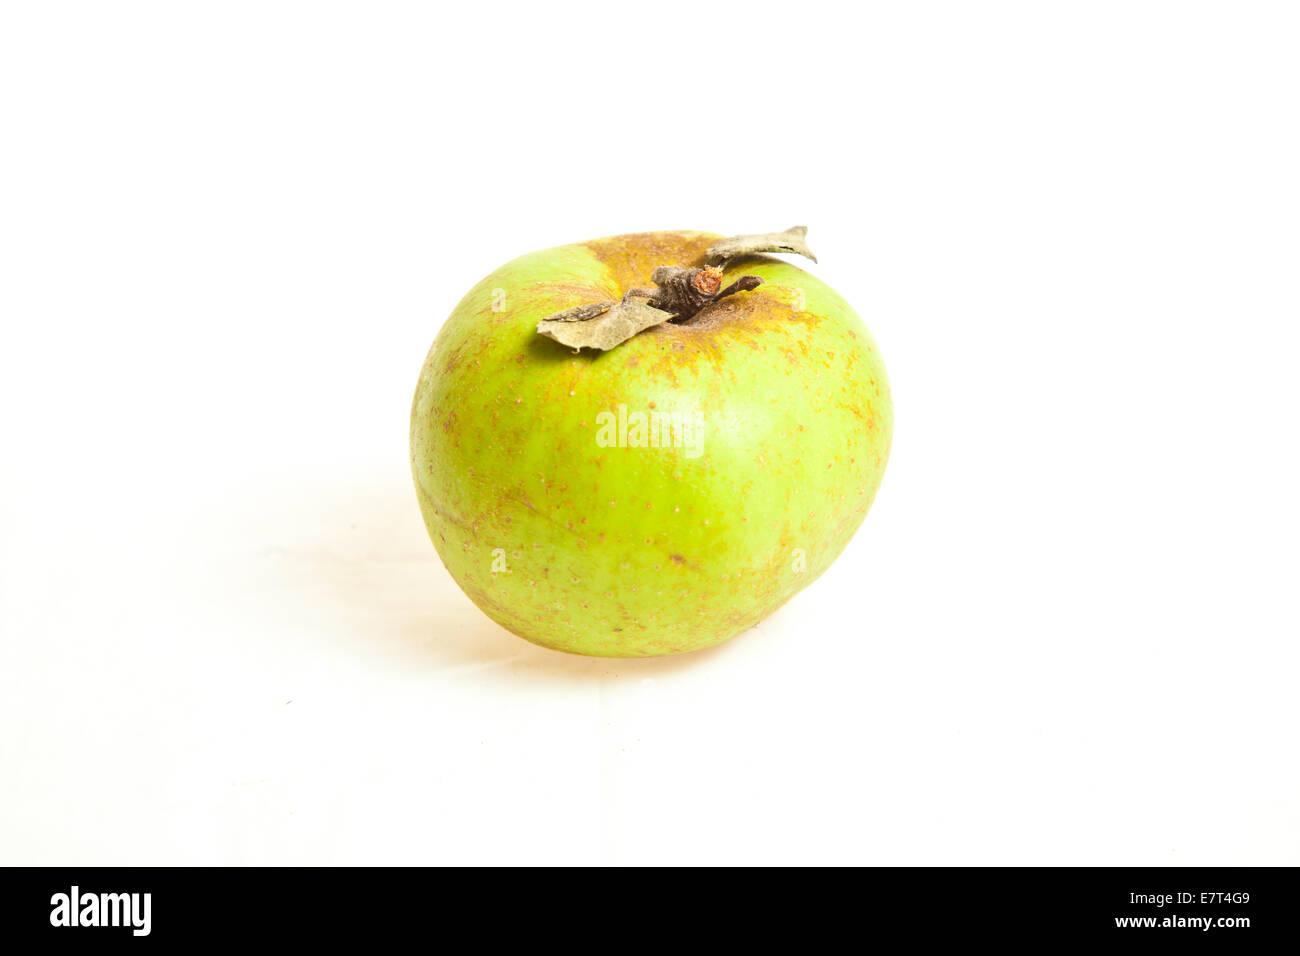 Fruits pomme verte biologique isolé sur fond blanc Photo Stock